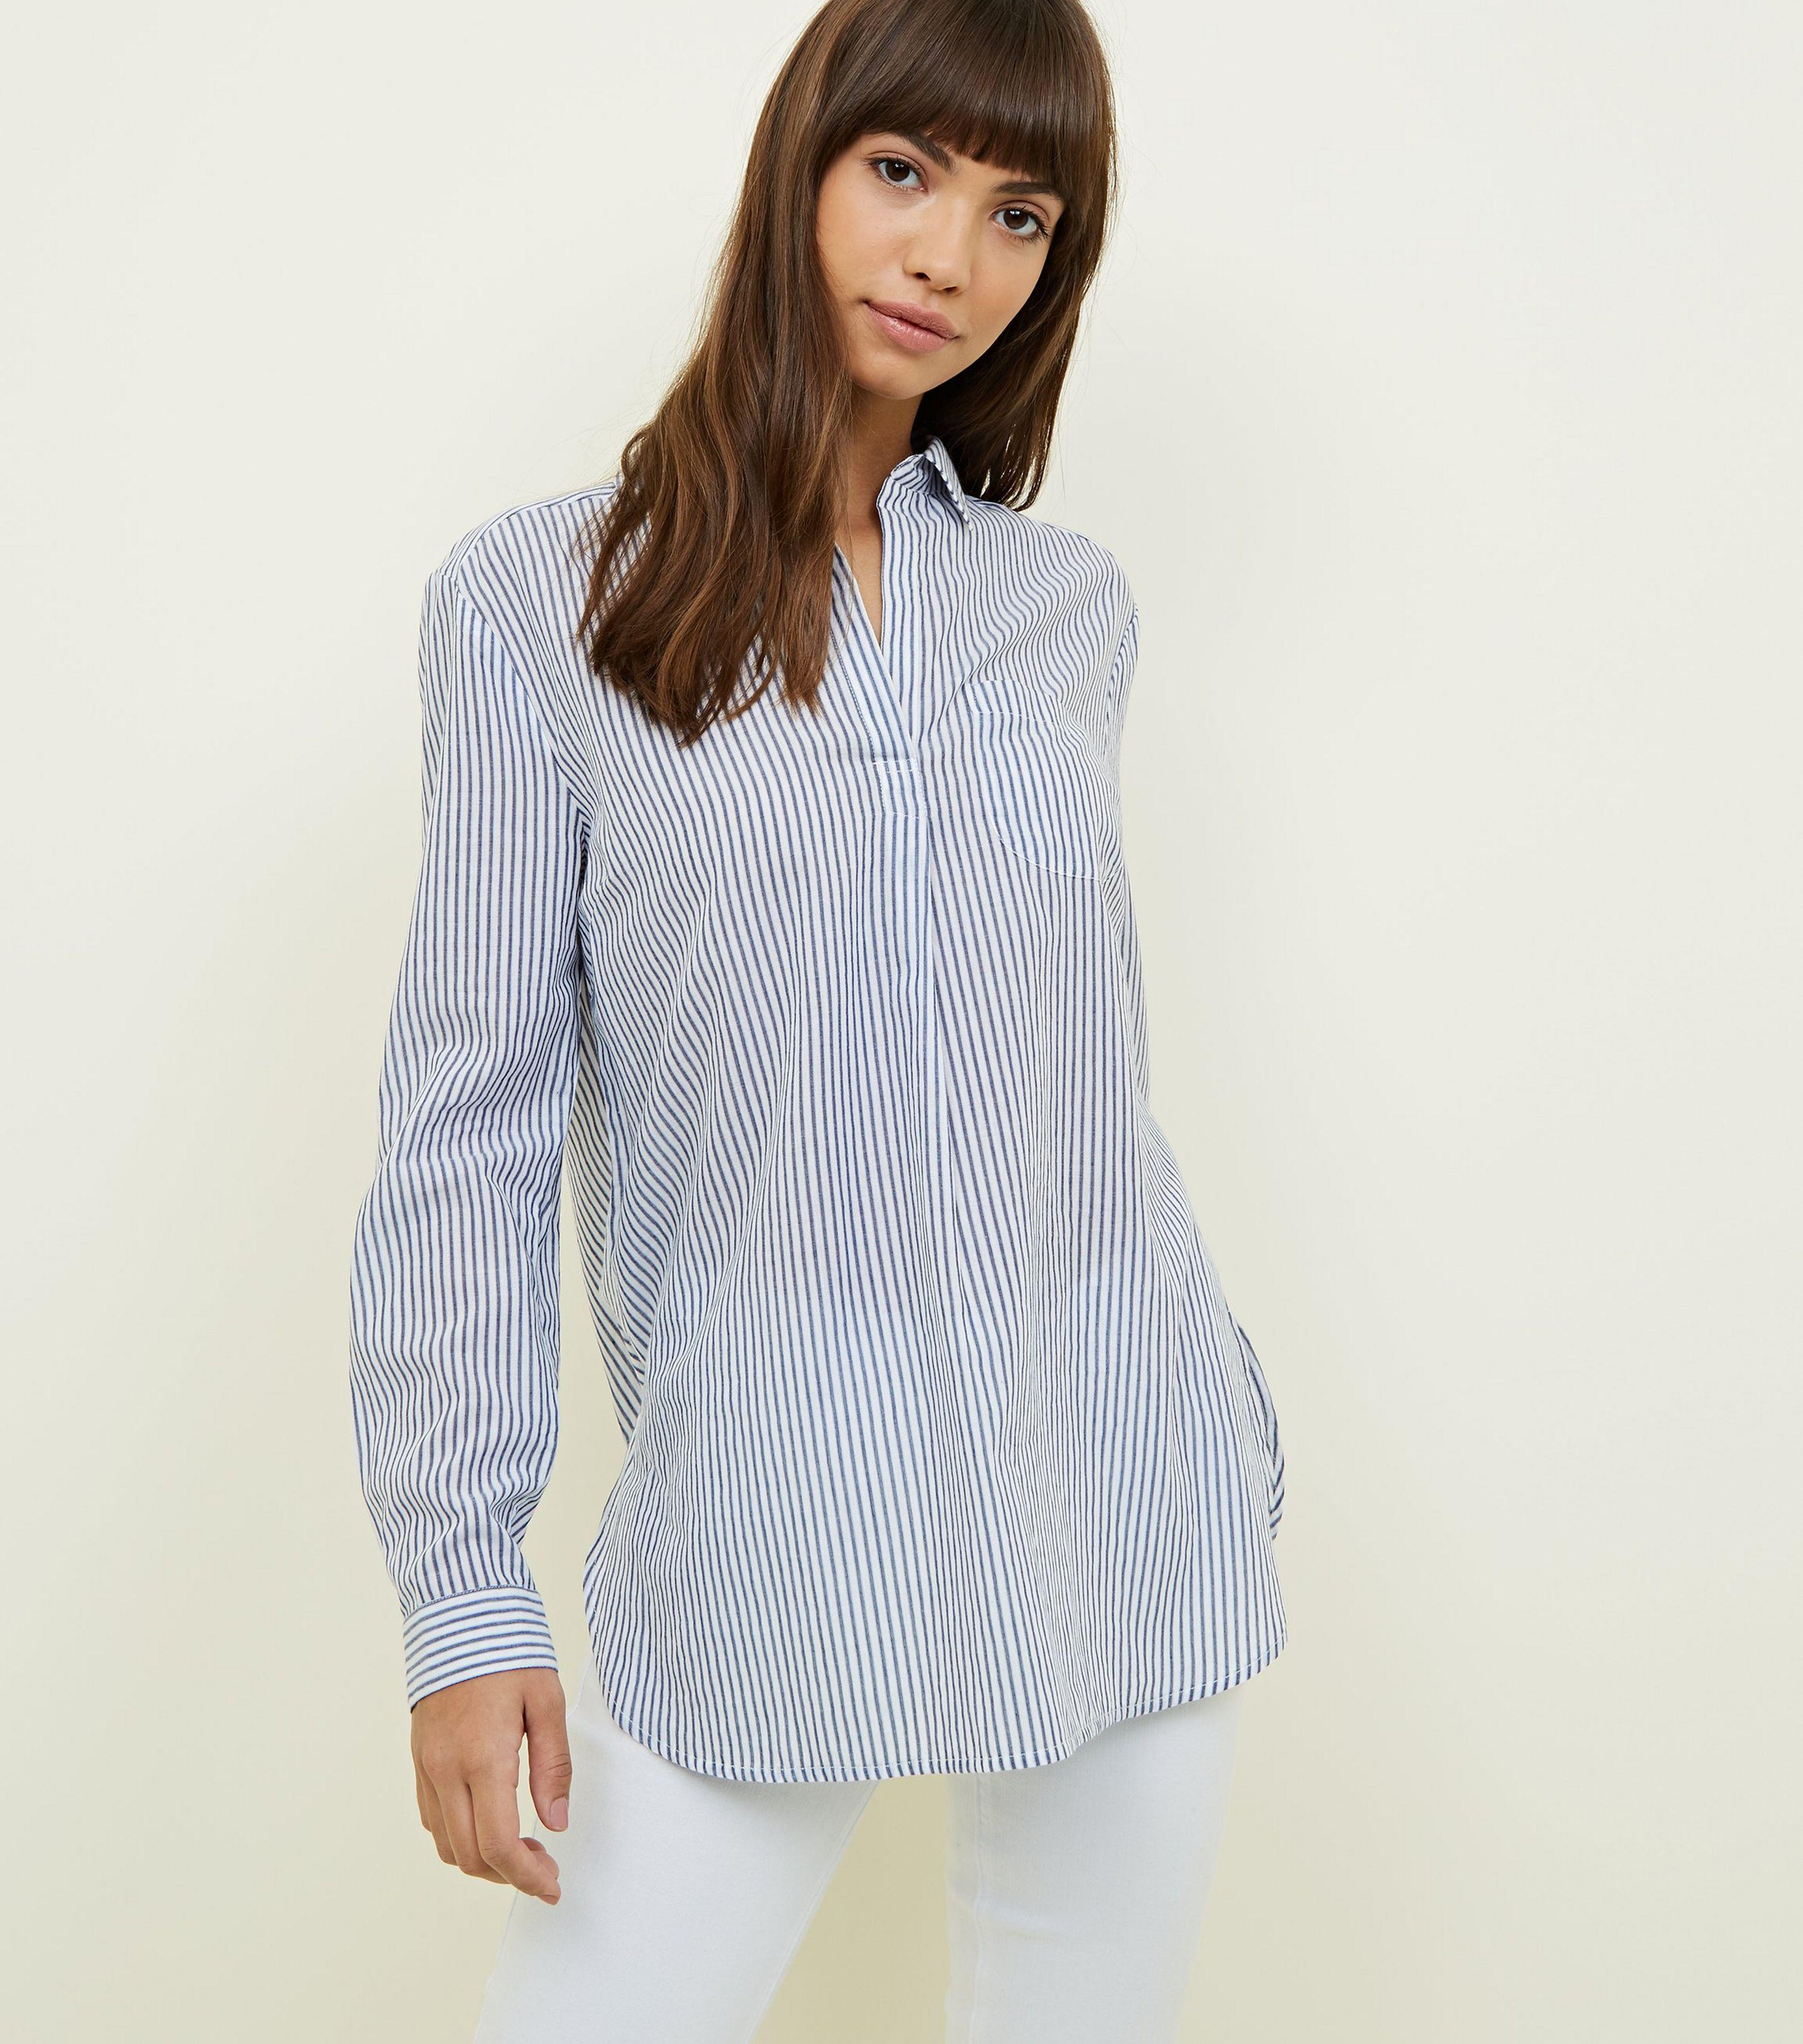 ecc09a0330 New Look Blue Stripe Long Sleeve Shirt in Blue - Lyst